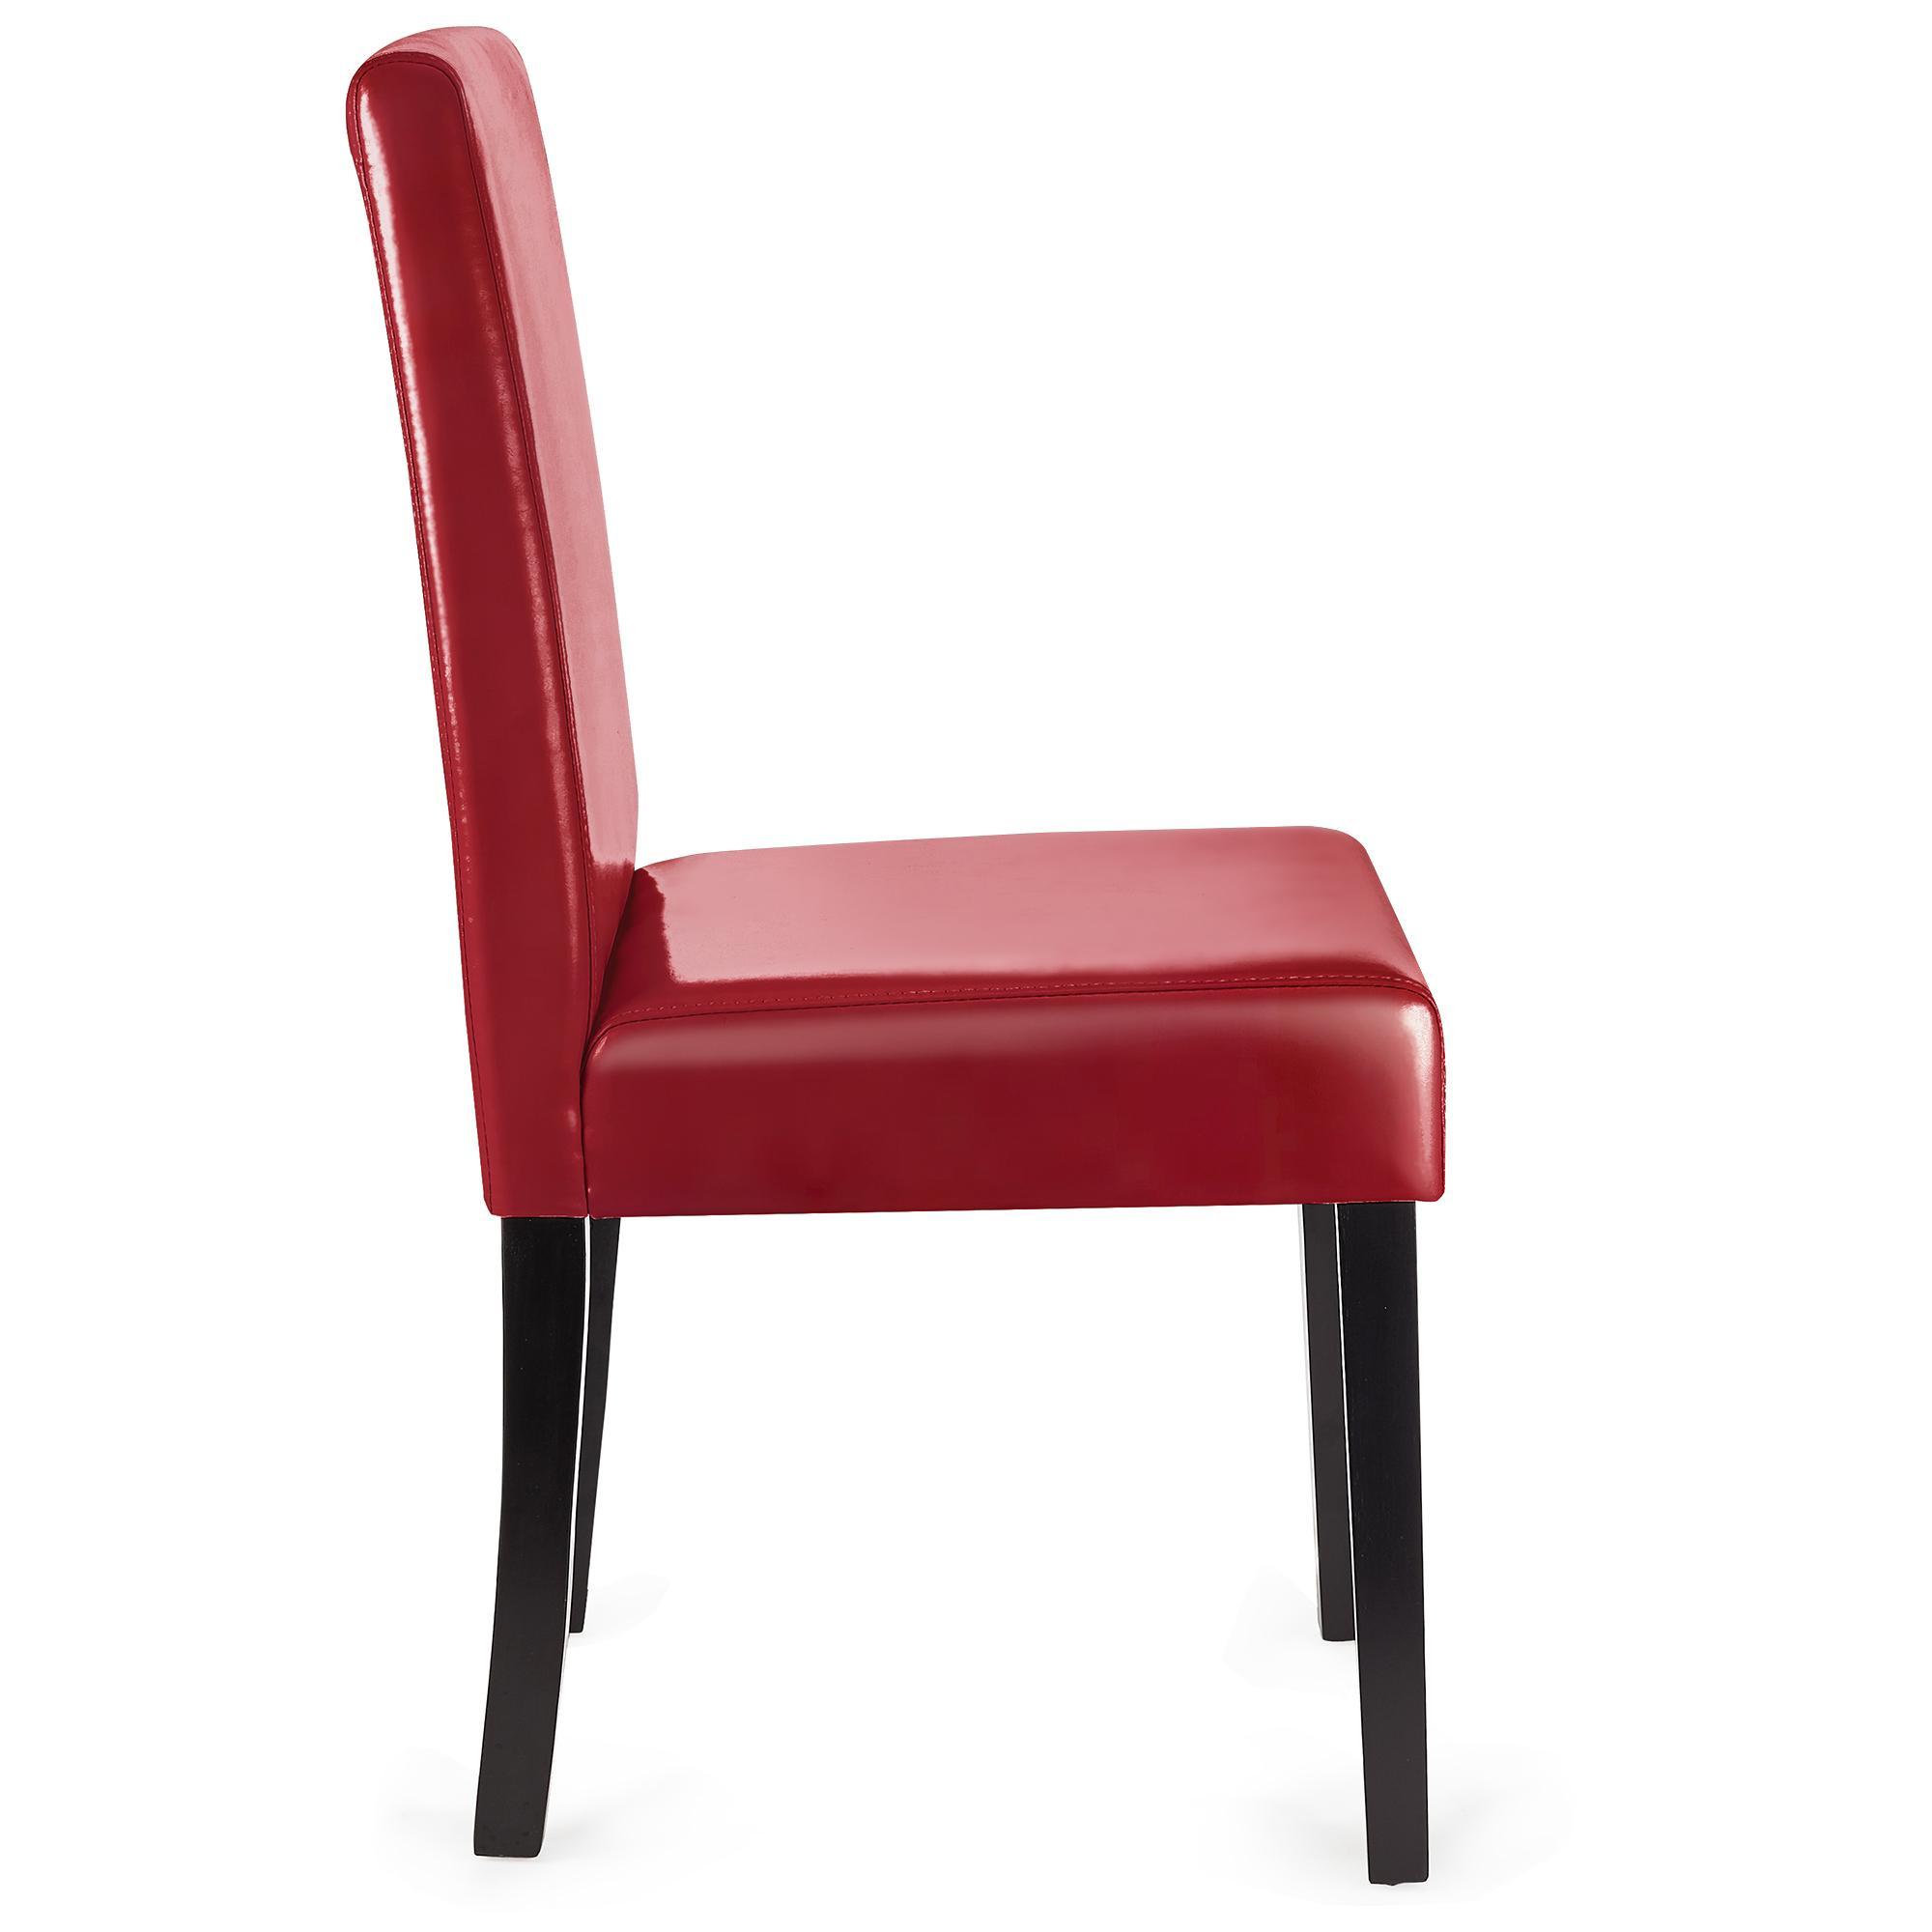 lote sillas de comedor litau piel real precioso diseo rojo y patas oscuras